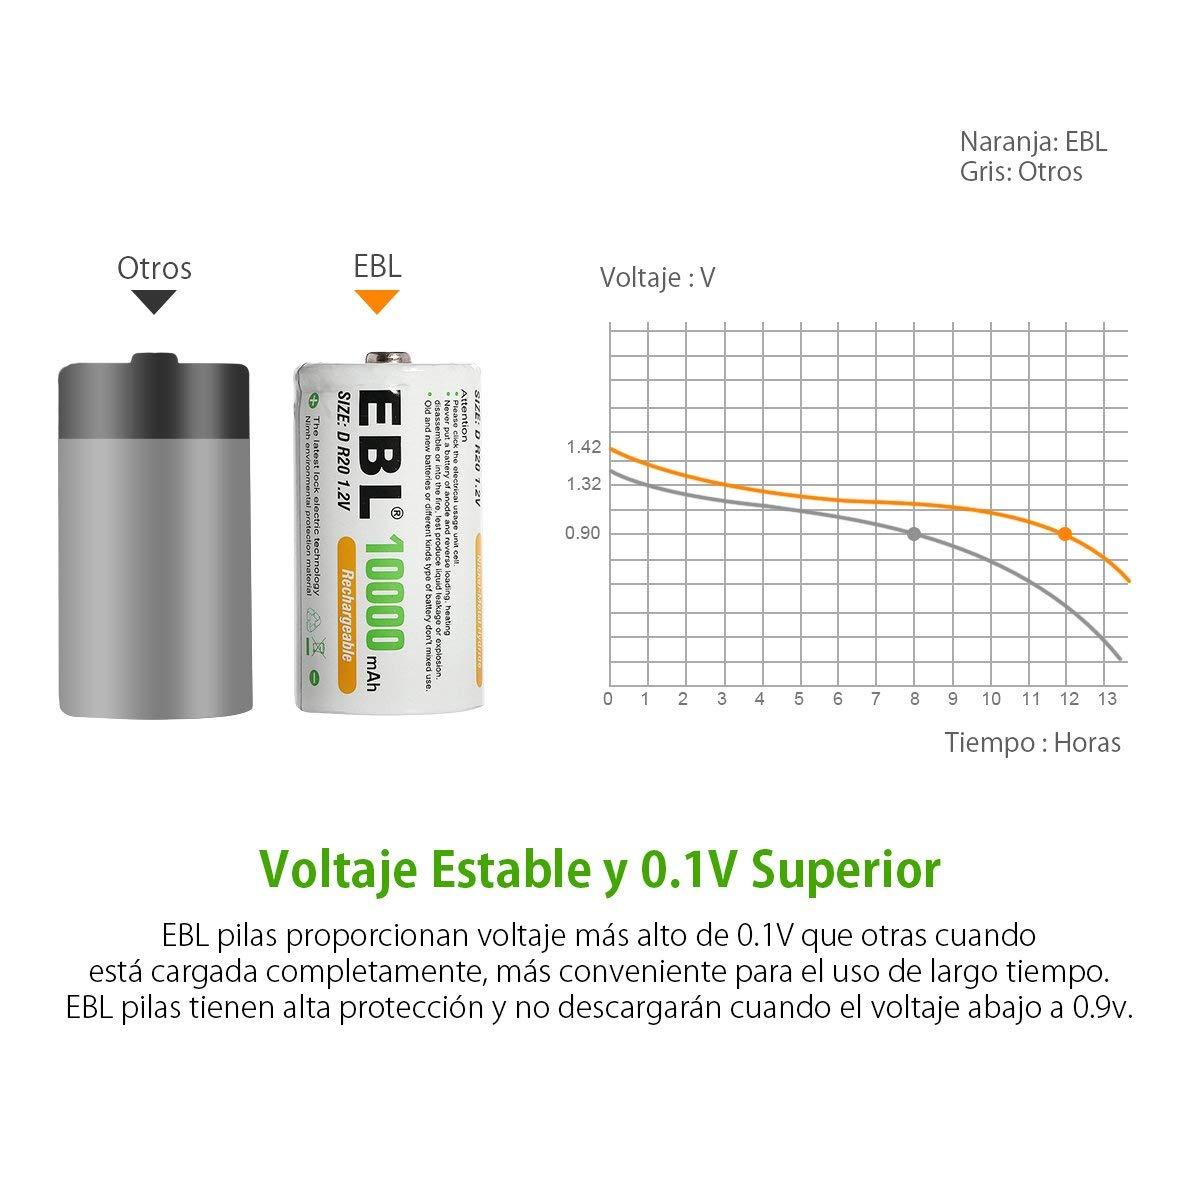 EBL 9V Pilas Recargables 280mAh NiMH Precargada Baja Autodescarga 1200 Ciclos Larga Duraci/ón para Microfono Inalambrico Dispositivos M/édicos Alarmas de Humo Juquetes y Relojes